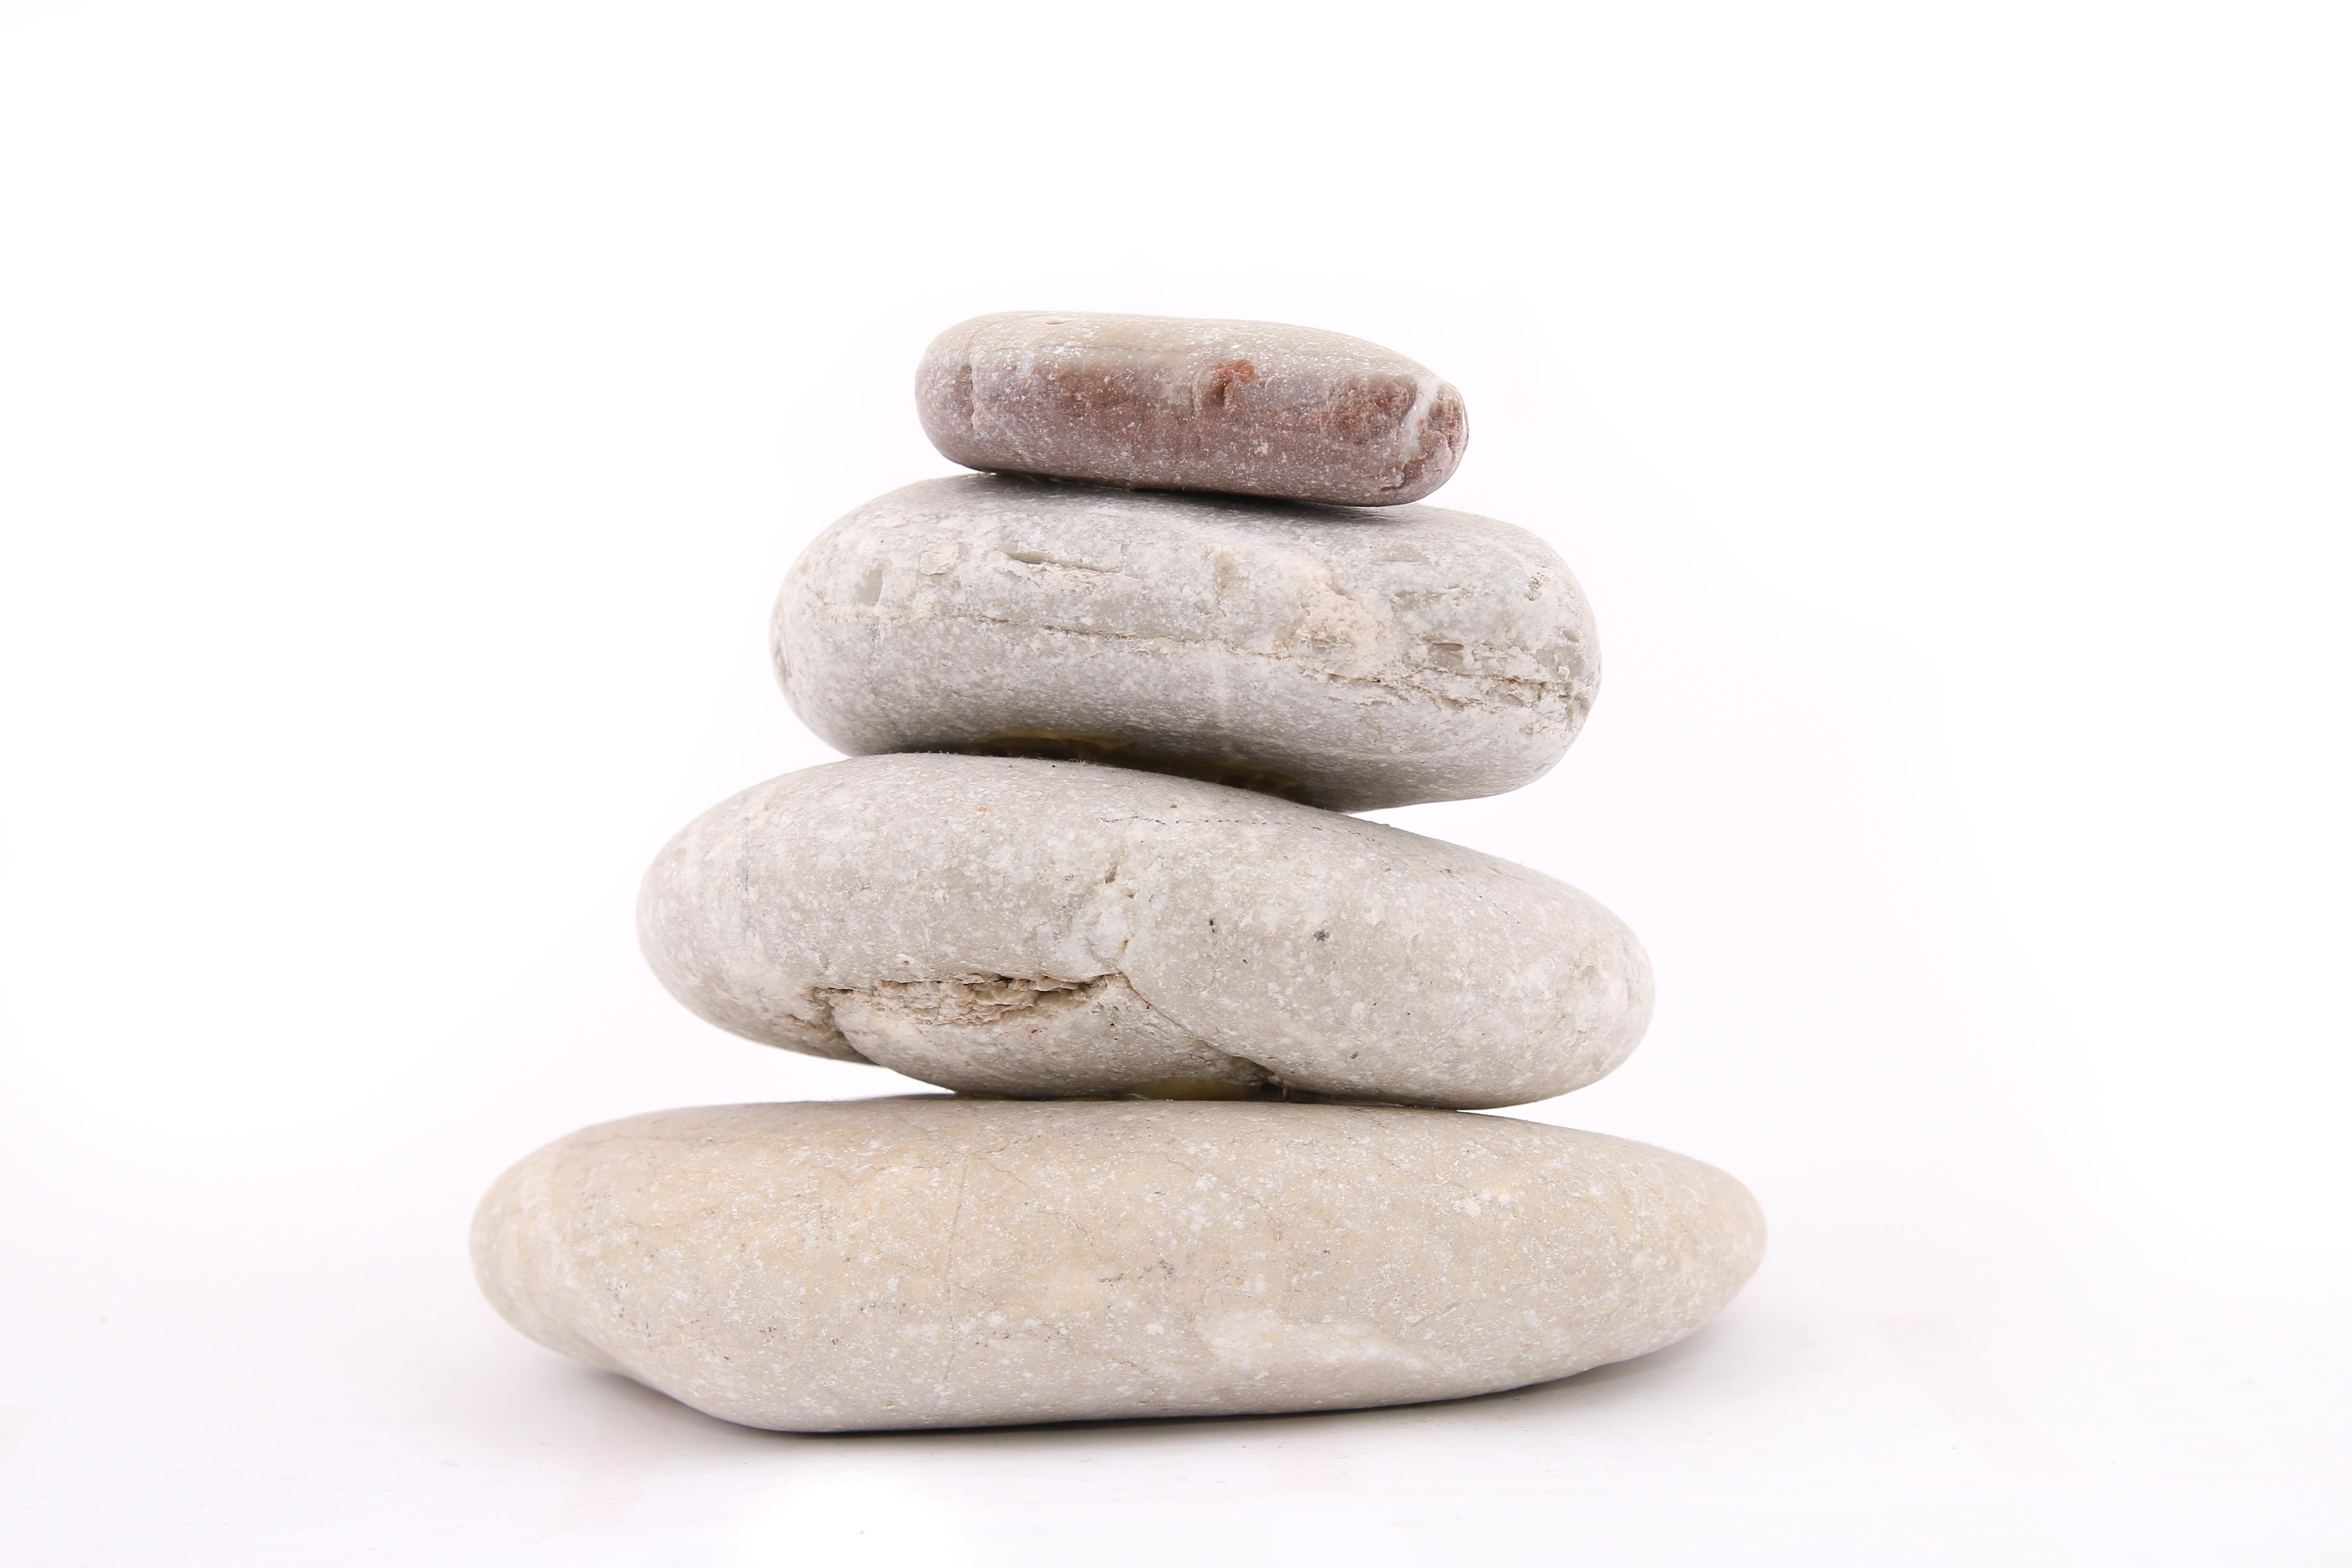 rock piedra guijarro apilar material zen meditacin tranquilidad de espritu las piedras sobre un fondo blanco - Piedras Zen